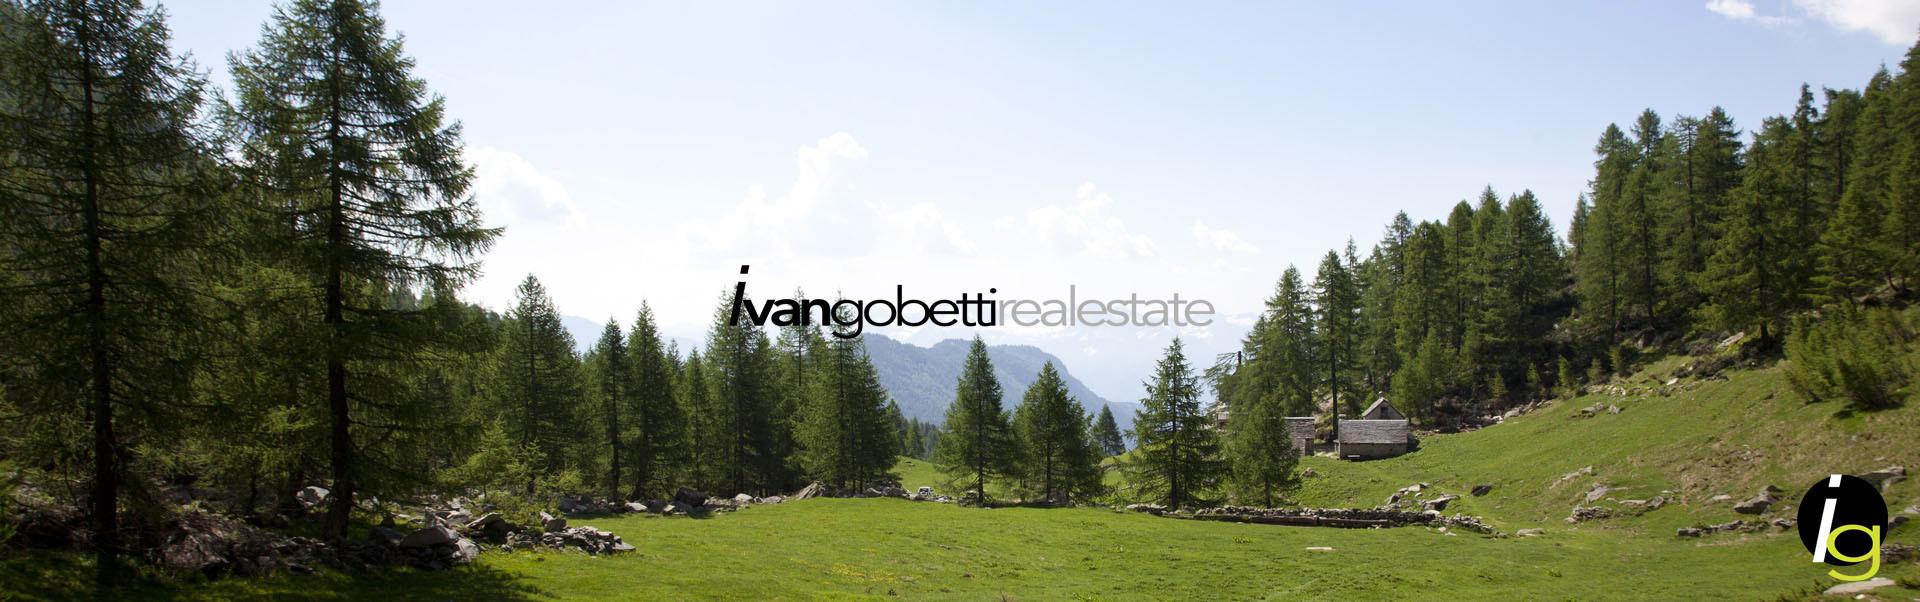 Vendesi proprietà costituita da due villette con parco immerse nella natura a Varzo, Alpi Nord Italia